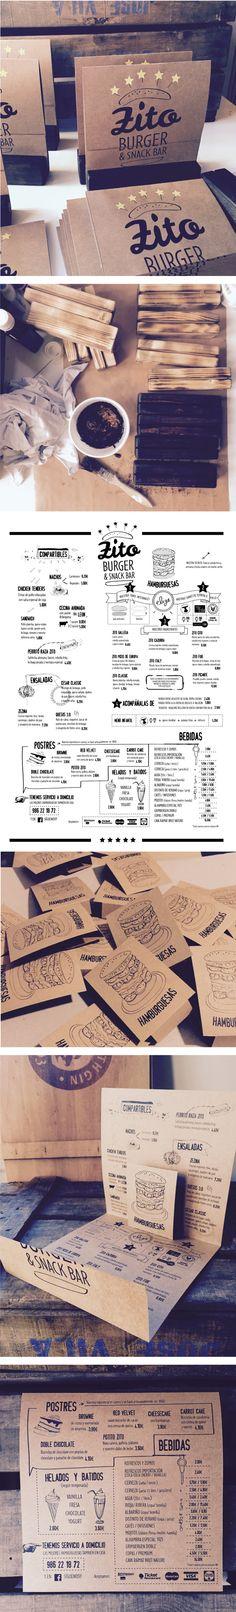 Diseño de imagen y cartas para hamburguesería en Vigo